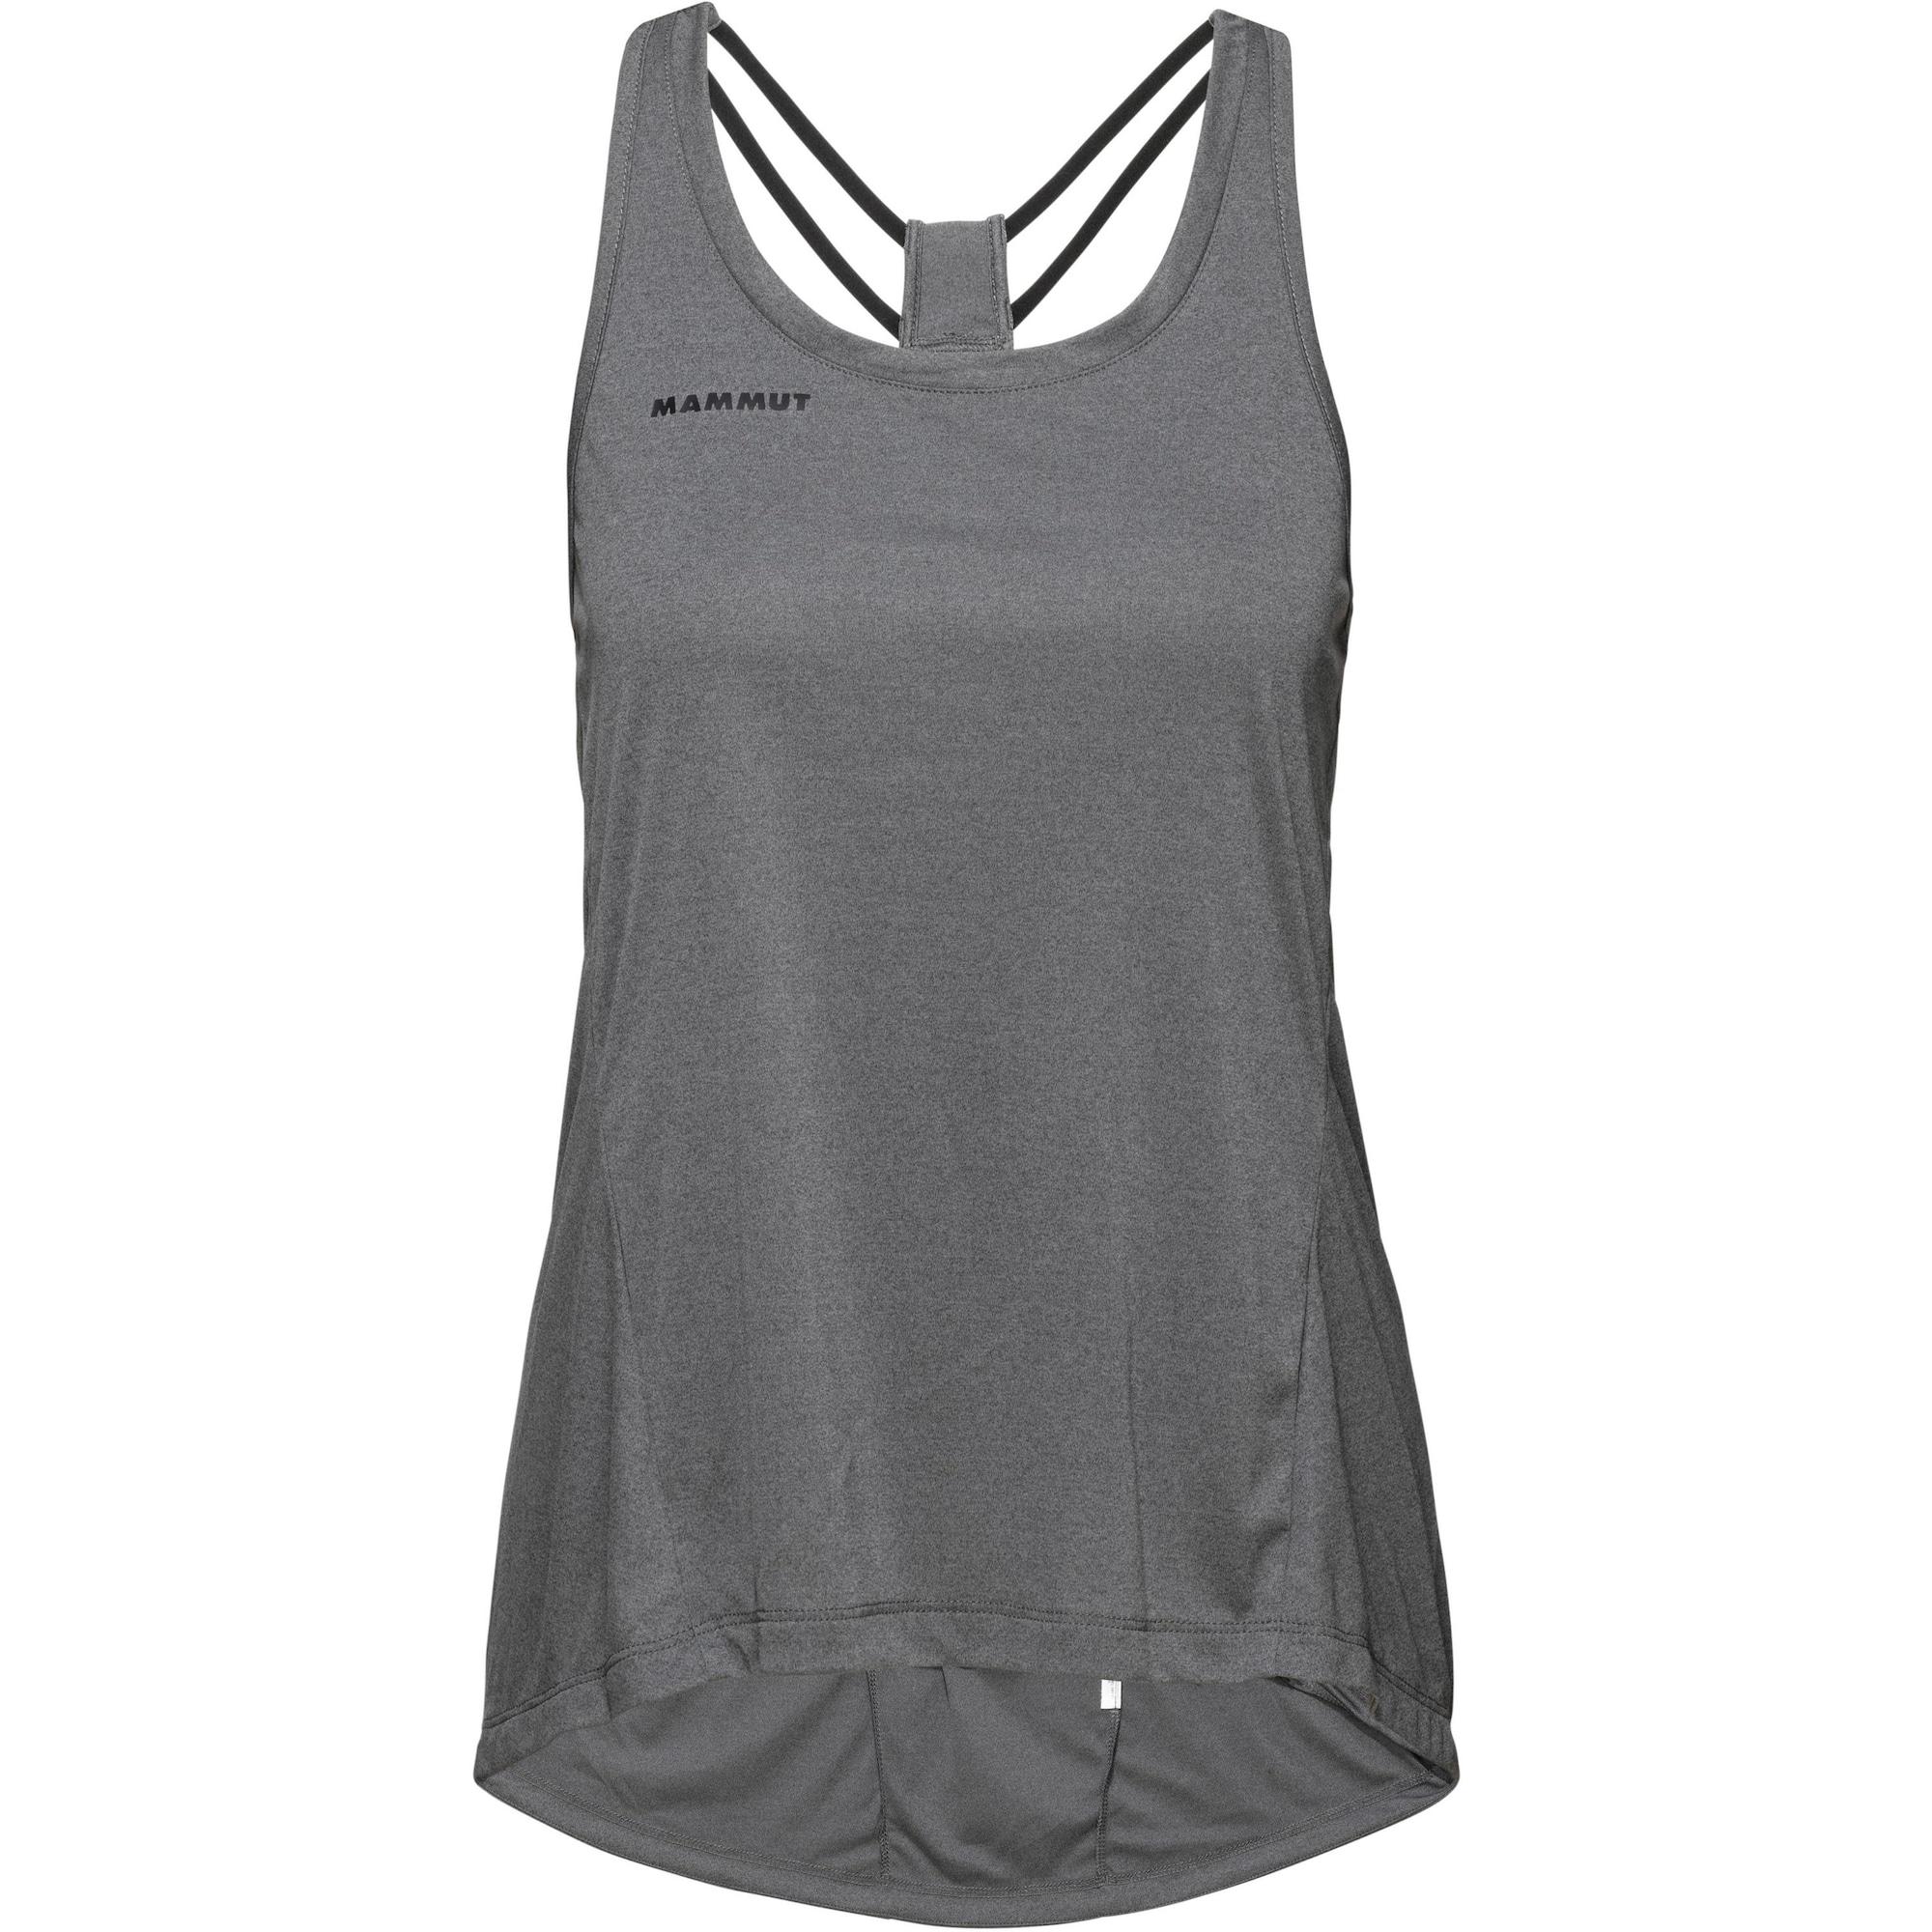 MAMMUT Sportiniai marškinėliai be rankovių